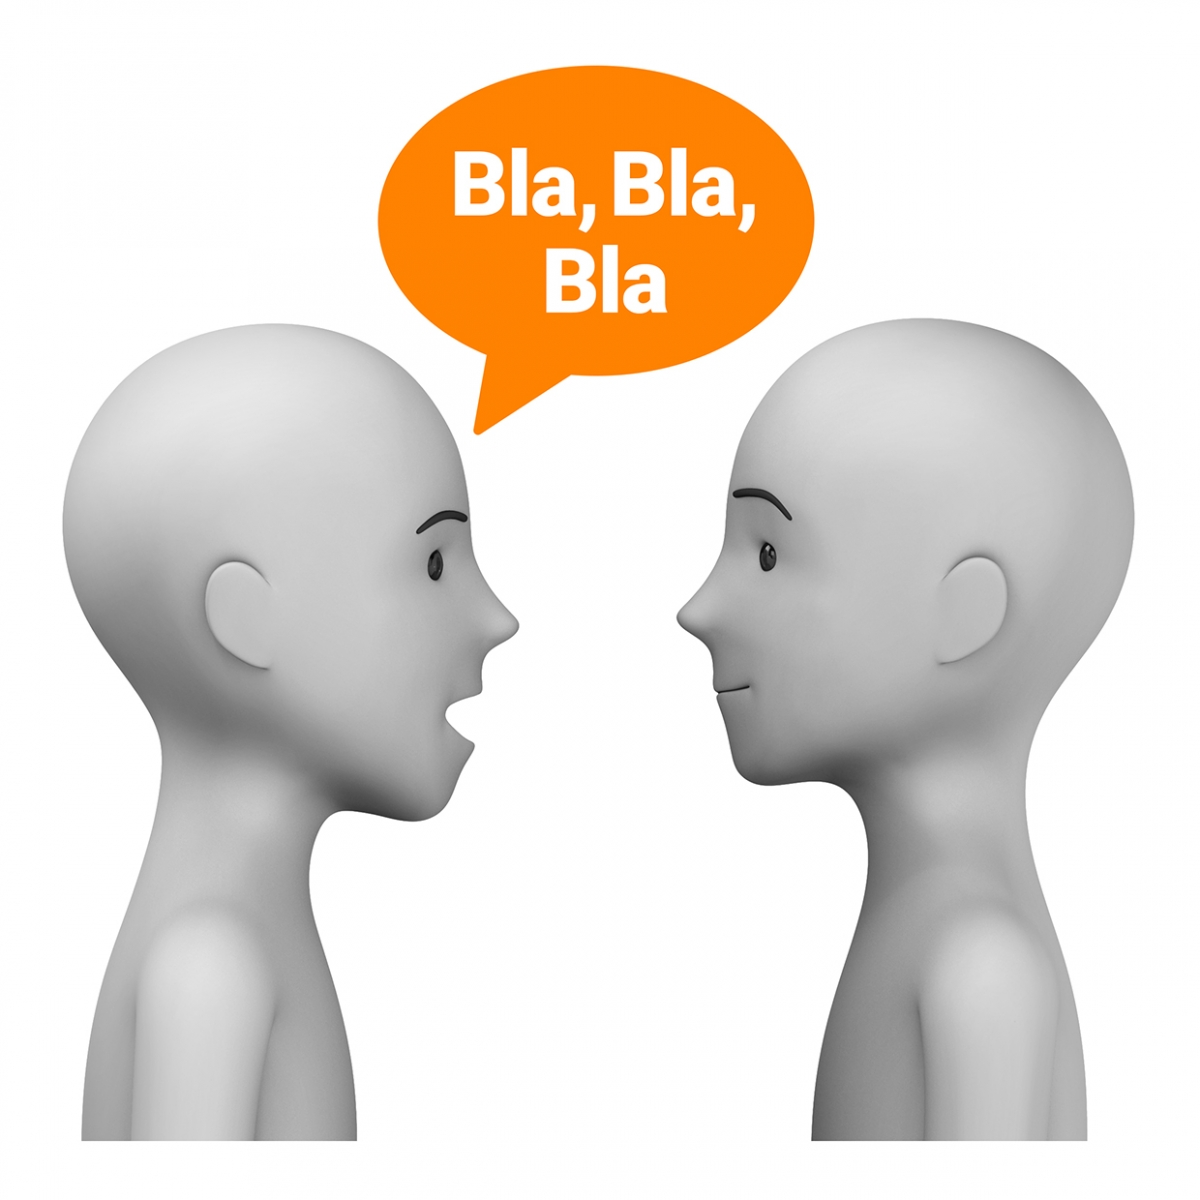 Imagen en la que se ve a dos personas hablando entre si